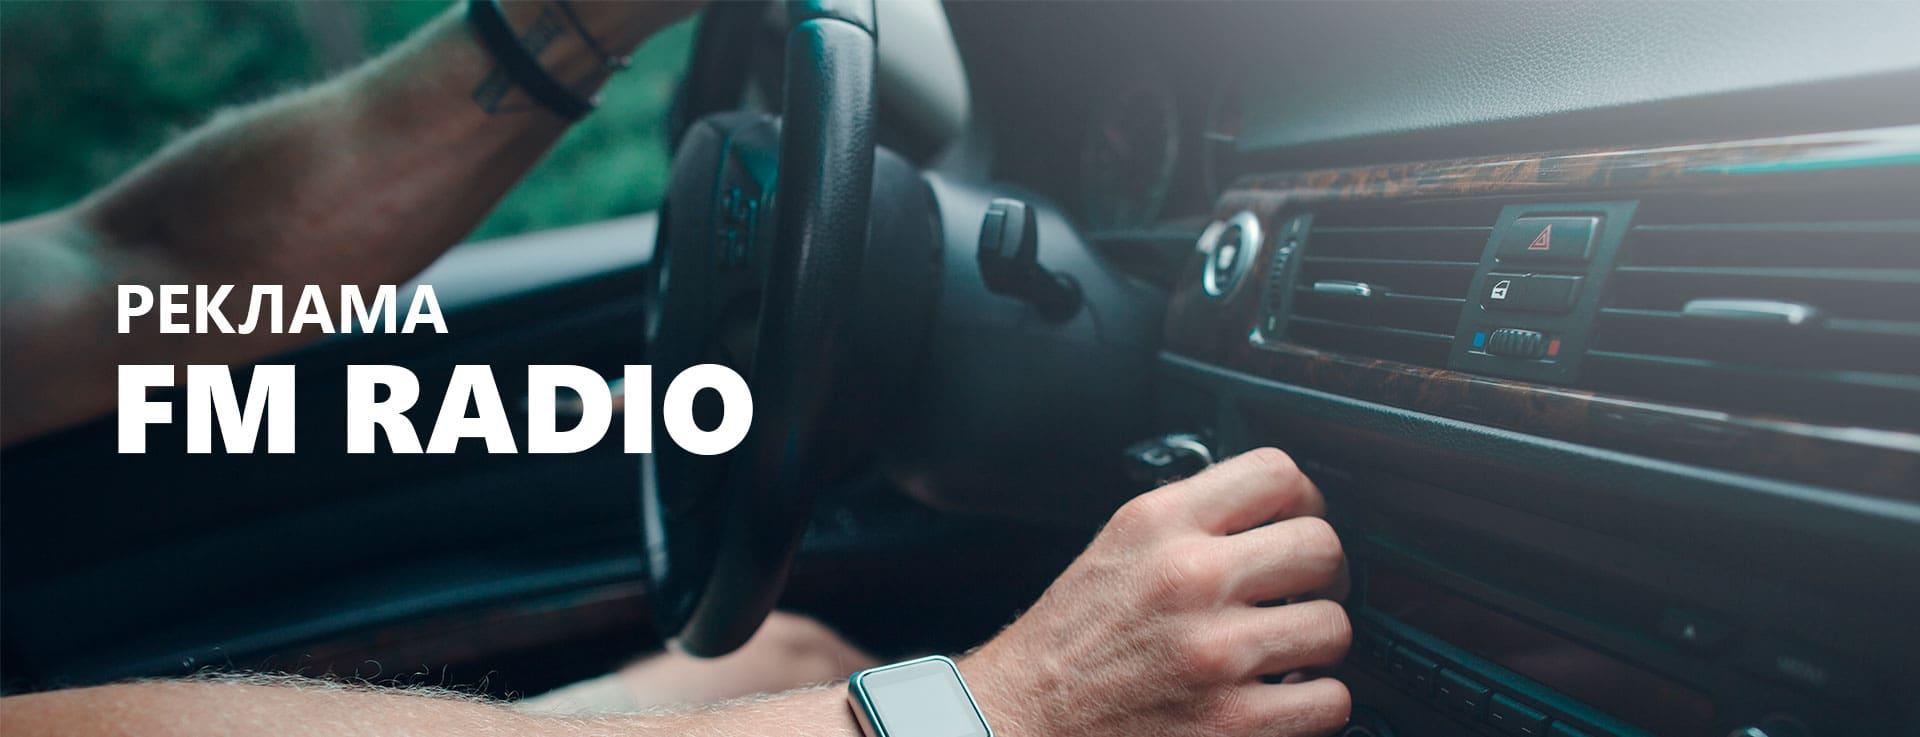 Radio FM-də reklam